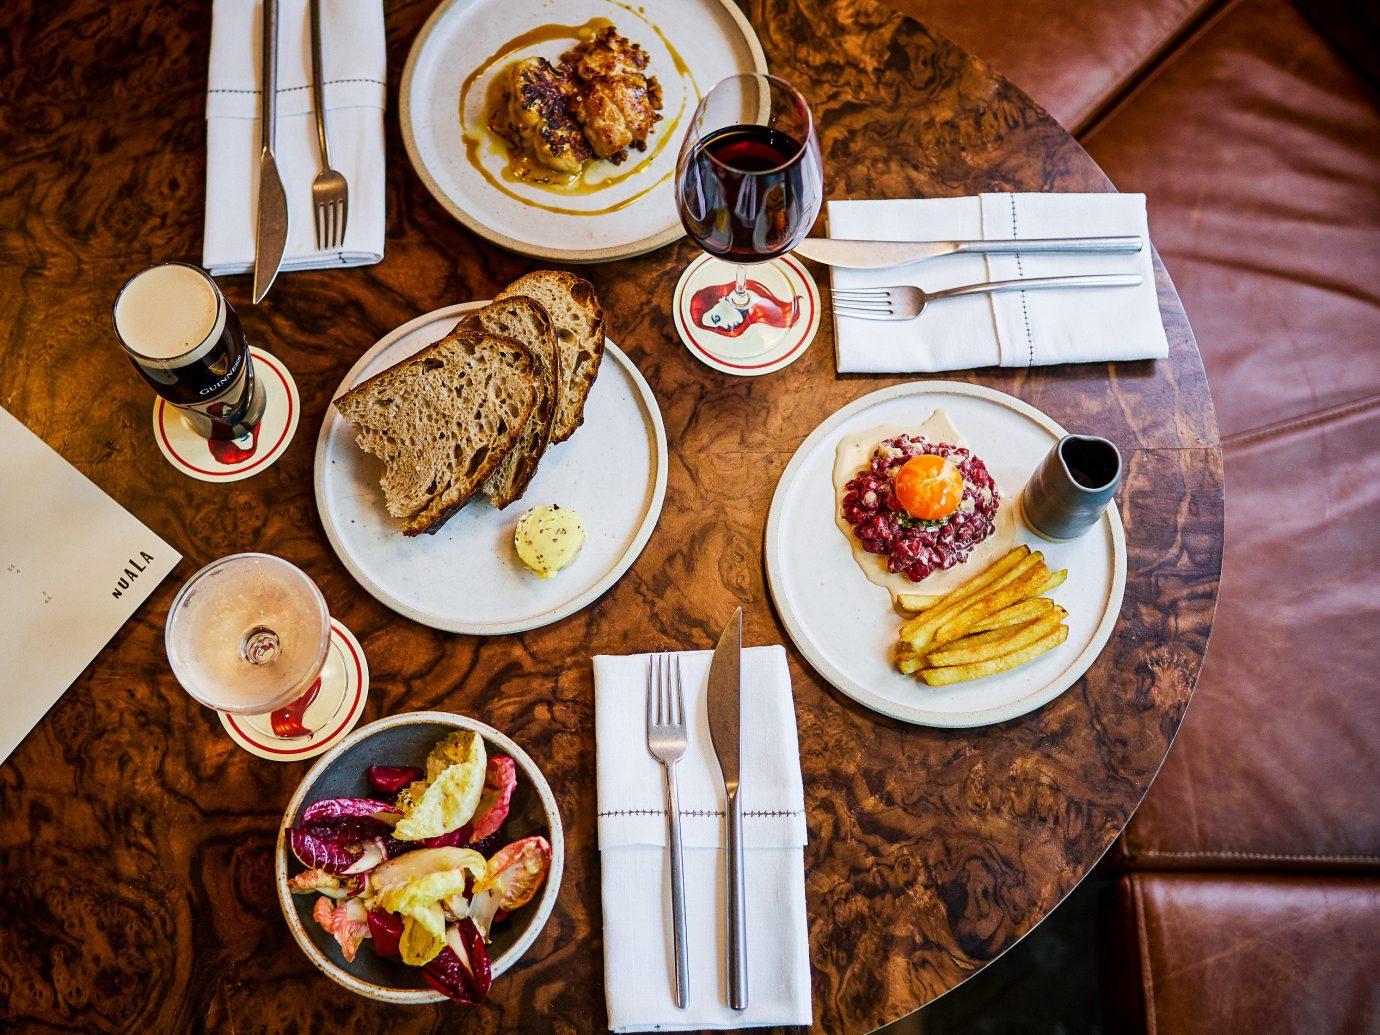 Food + Drink London table plate meal food breakfast brunch indoor tableware full breakfast coffee cup dish supper flavor several